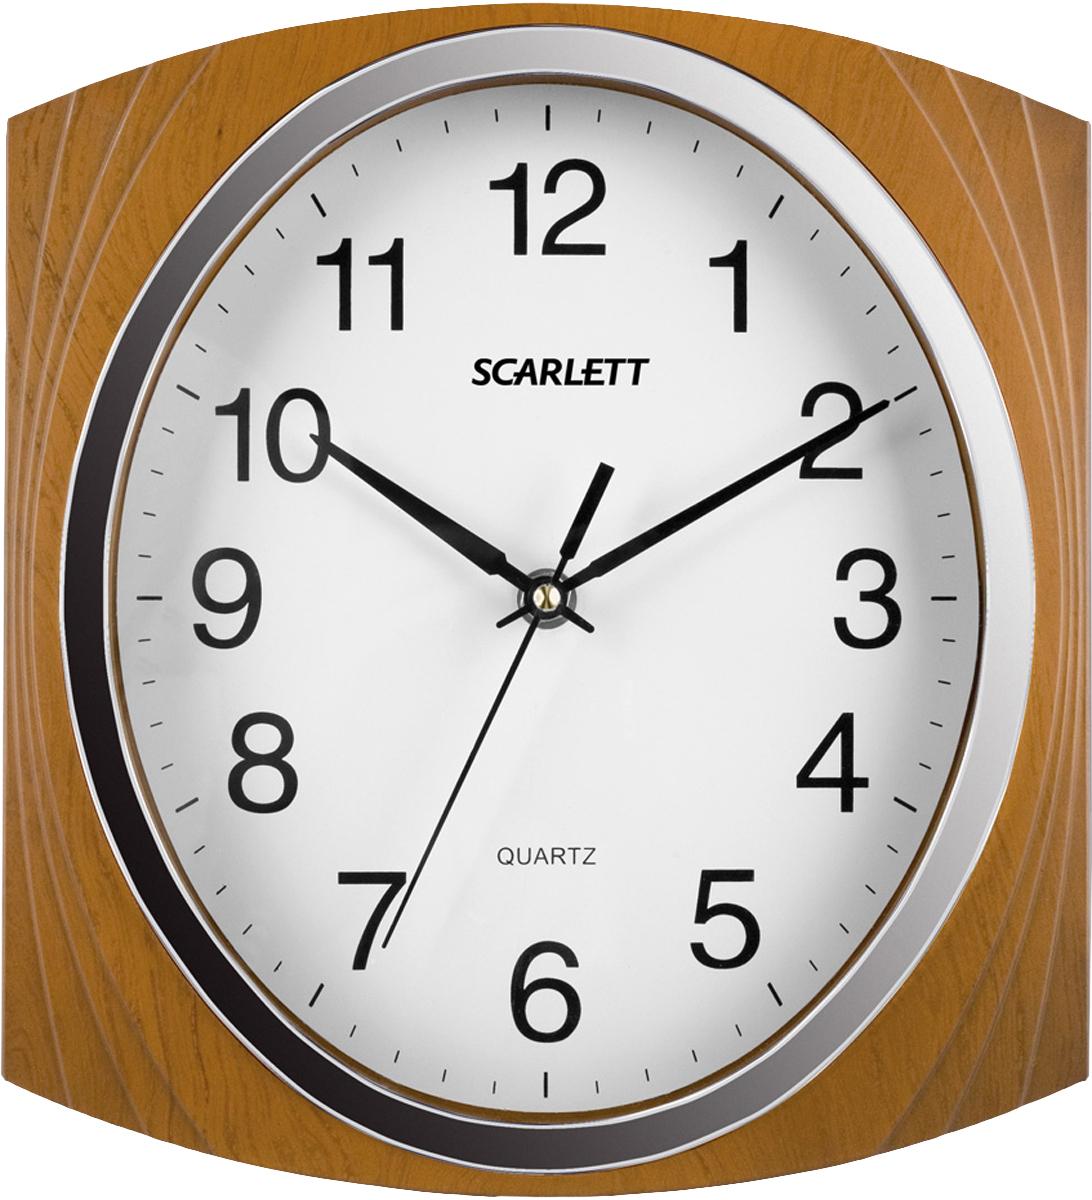 Scarlett SC-55RB часы настенныеSC-55RBЭлемент питания: тип АА 1.5V Период работы от одного элемента: 12 месяцев Относительная влажность помещения от 30% до 80% Температура: от 1°С до 45°С Плавный ход секундной стрелки